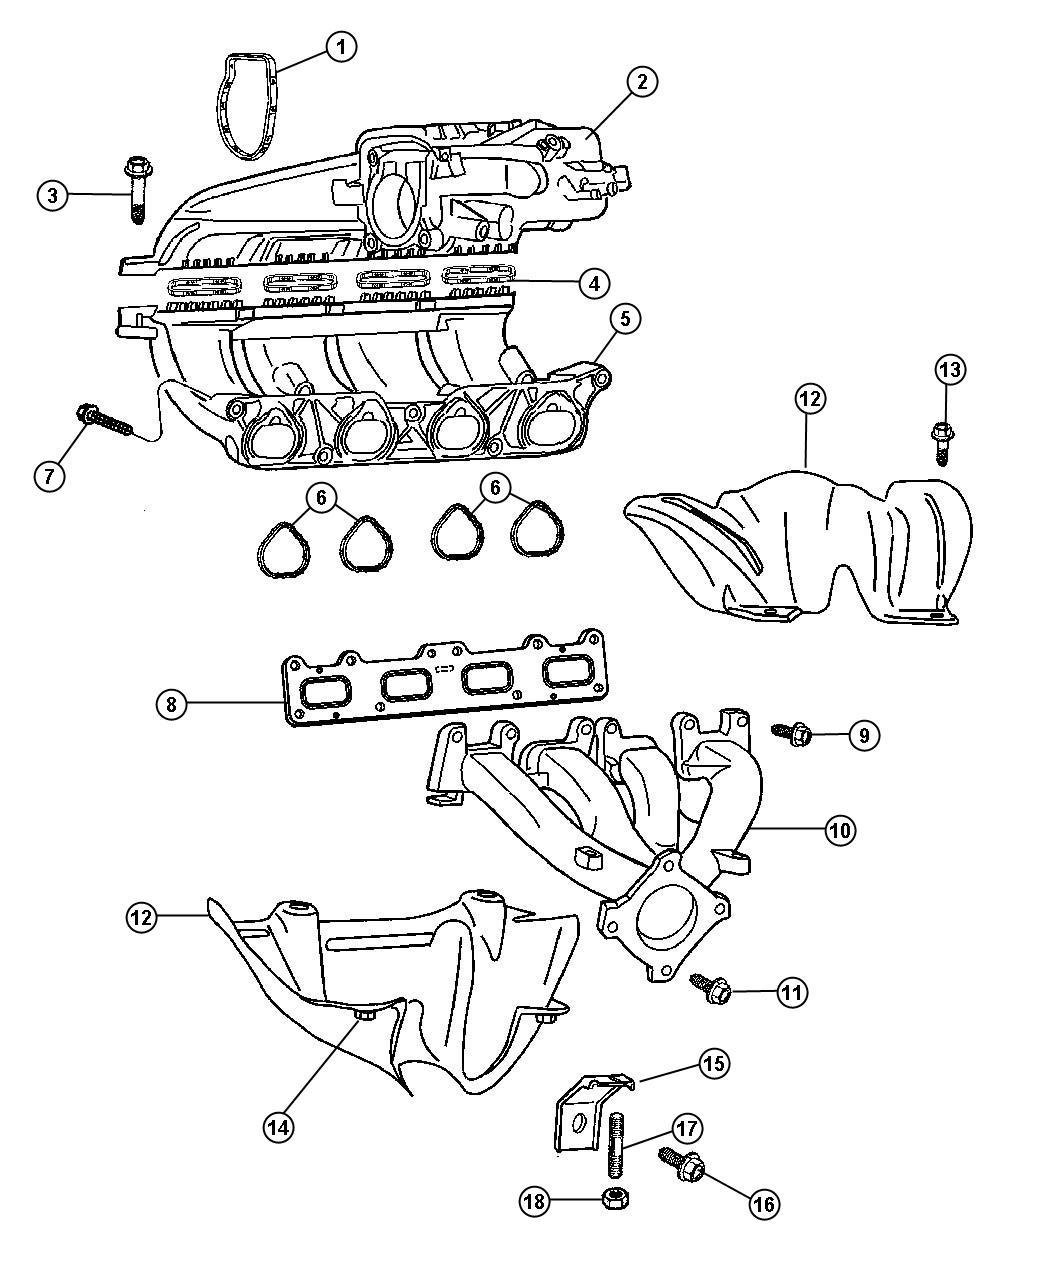 Chrysler Pt Cruiser Manifold Plenum Intake Intake